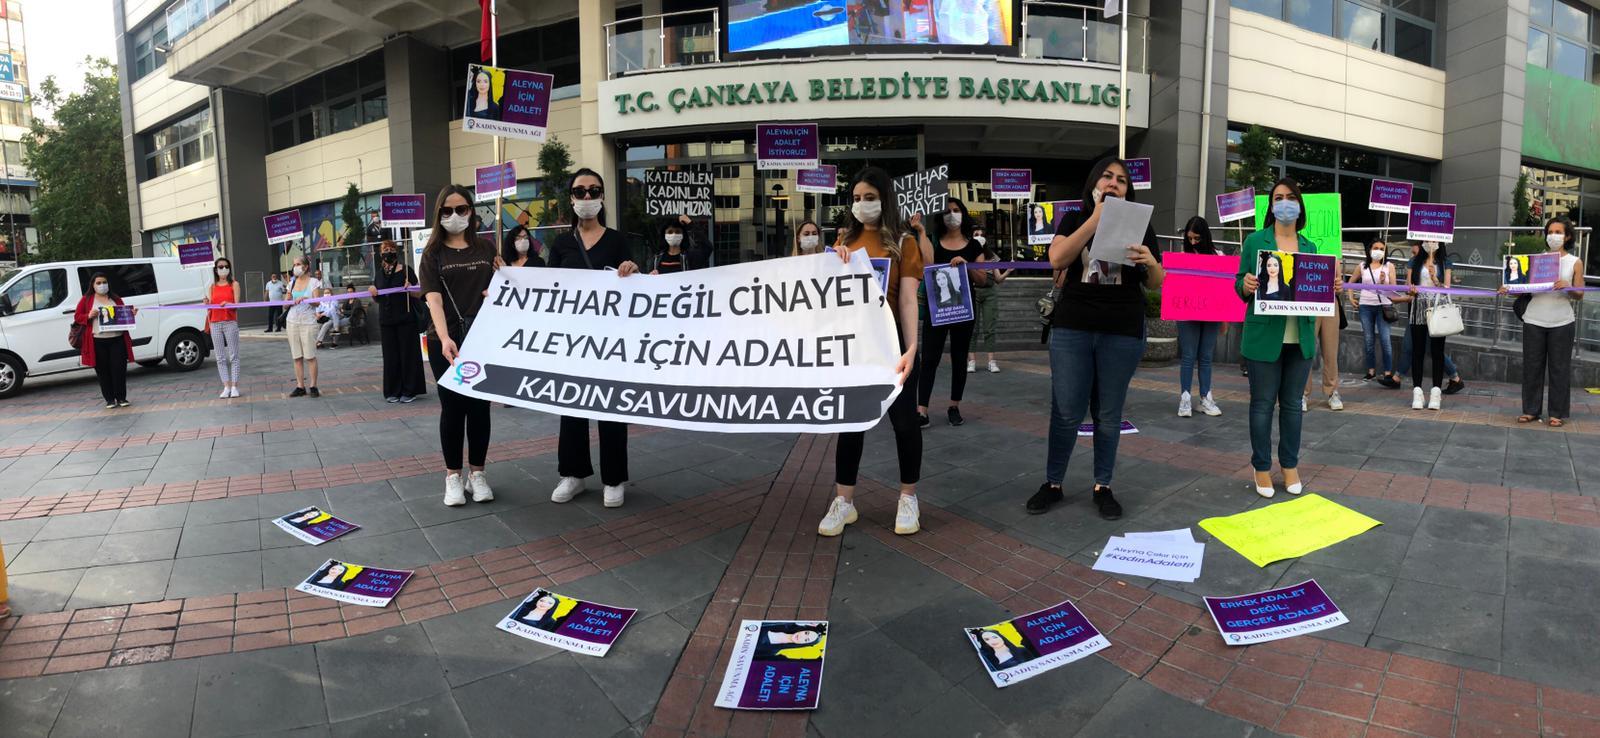 """Kadın Savunma Ağı'ndan eylem: """"Aleyna ve katledilen tüm kadınlar için adalet!"""""""